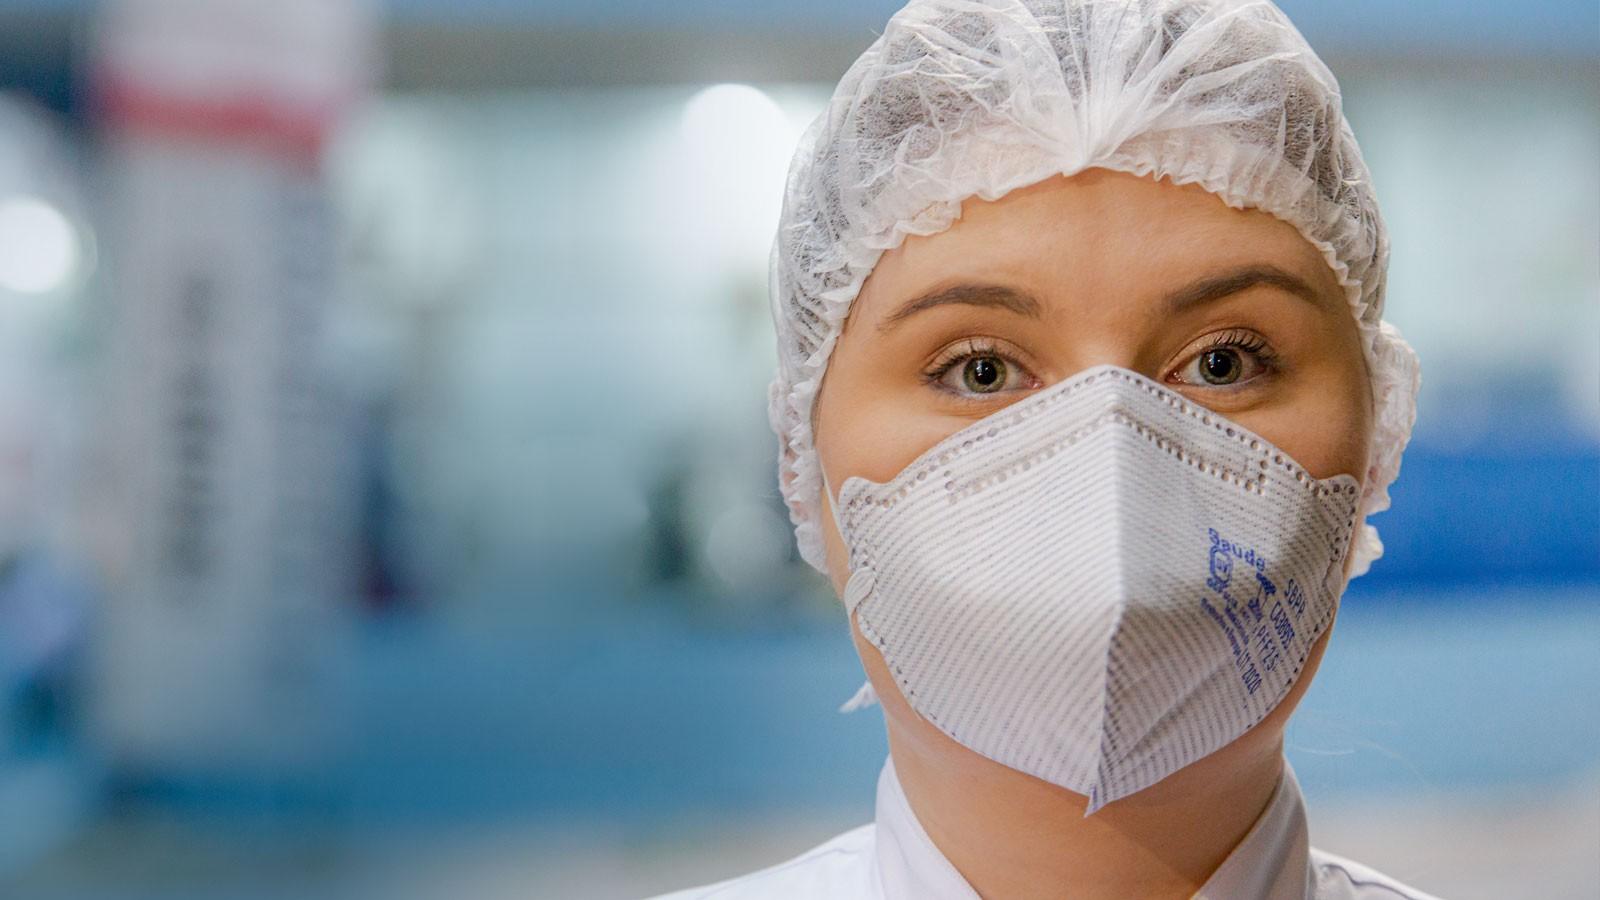 Enfermagem - conheça mais sobre o curso e a profissão